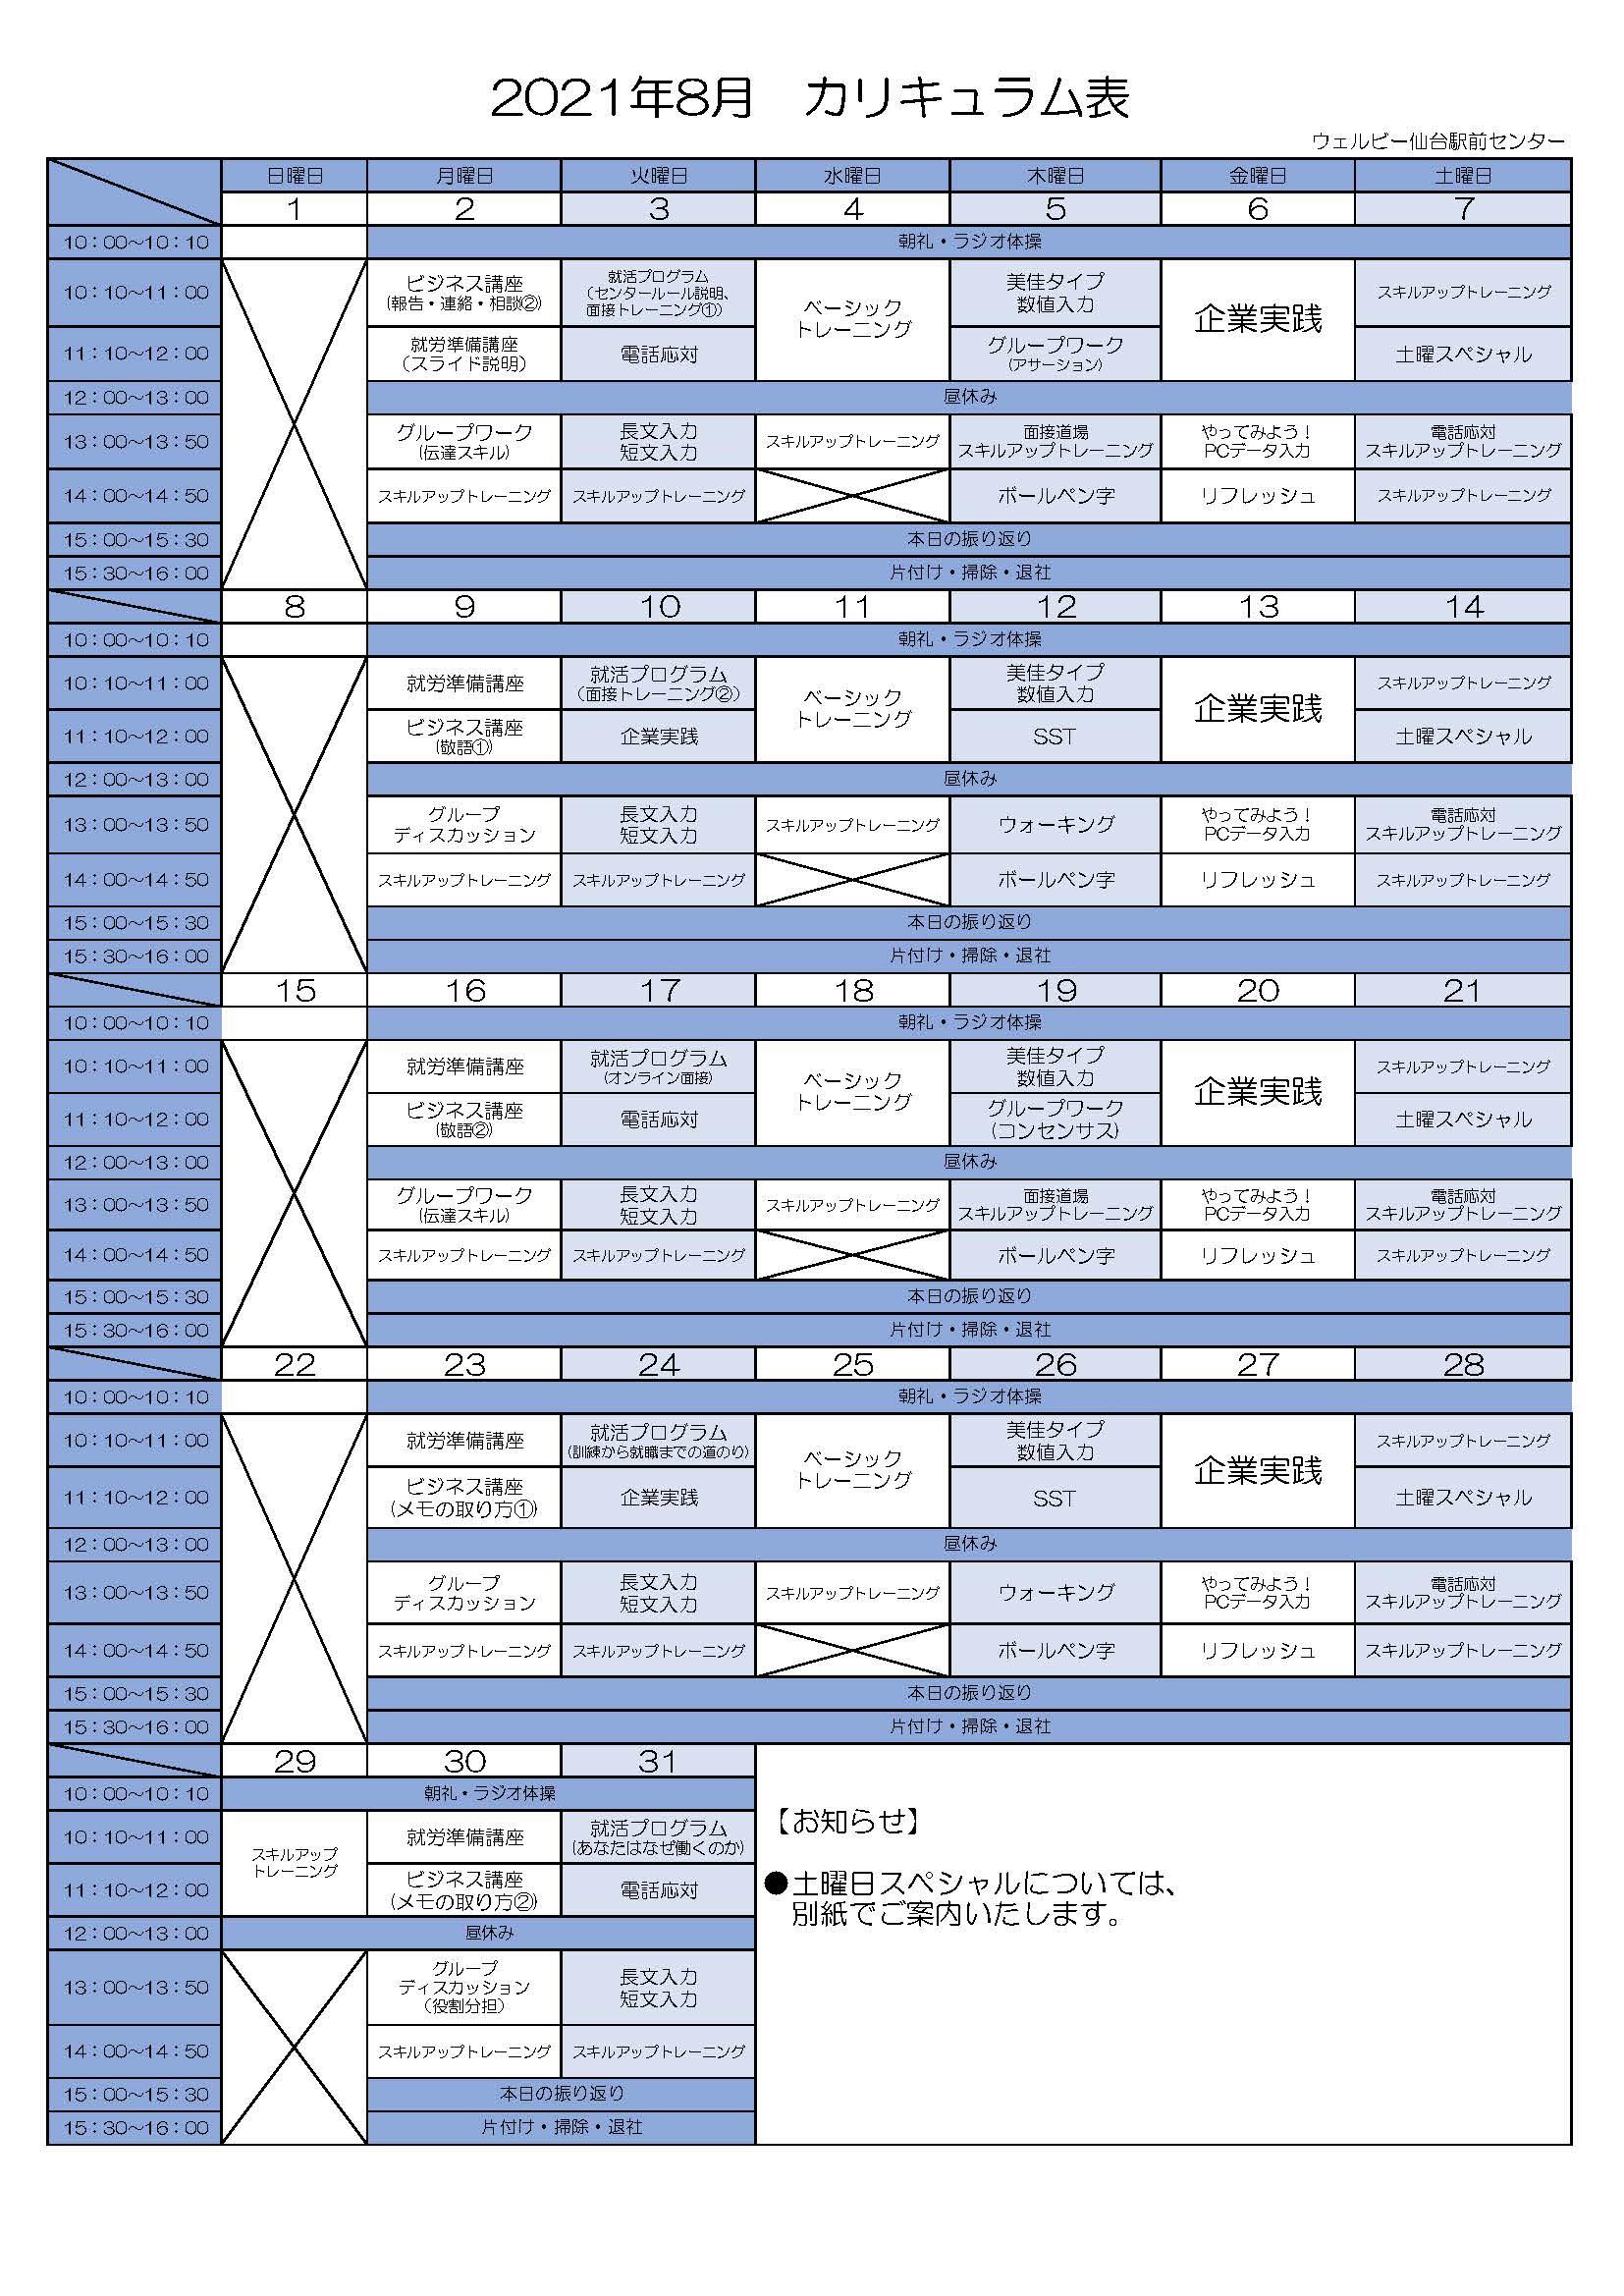 ウェルビー仙台駅前センター202108(データ③)8月カリキュラム